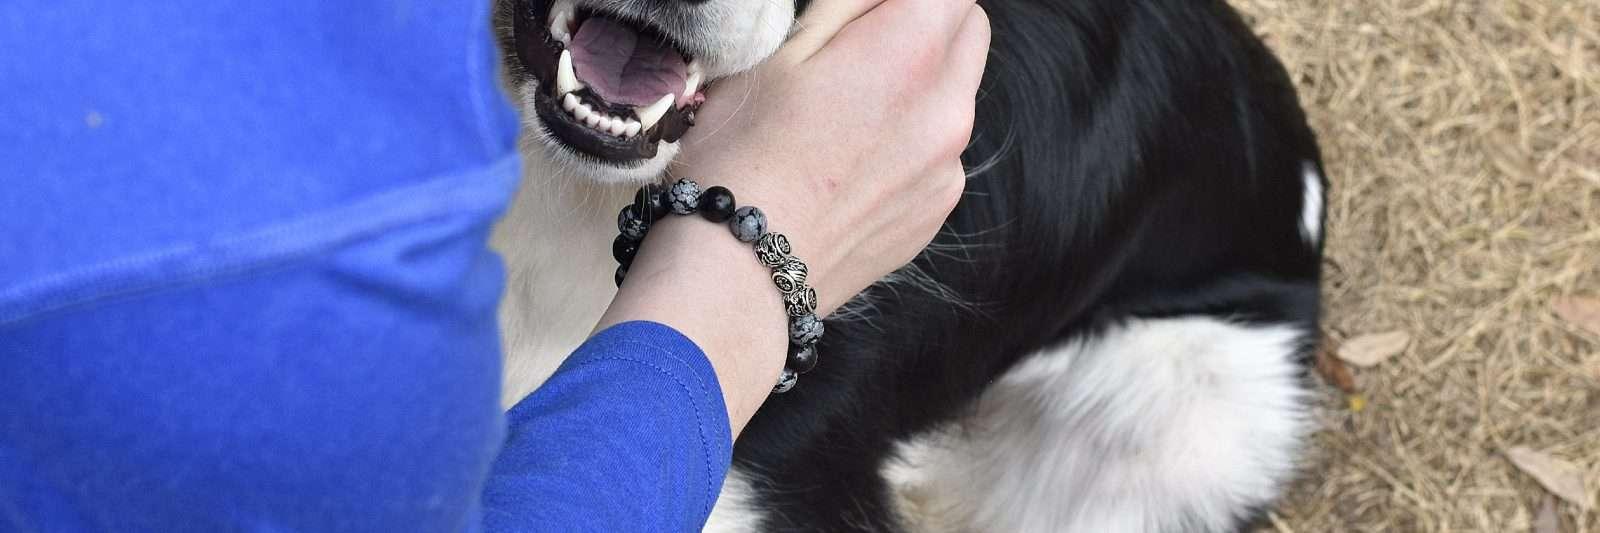 smiling dog with Azuro Republic bracelet